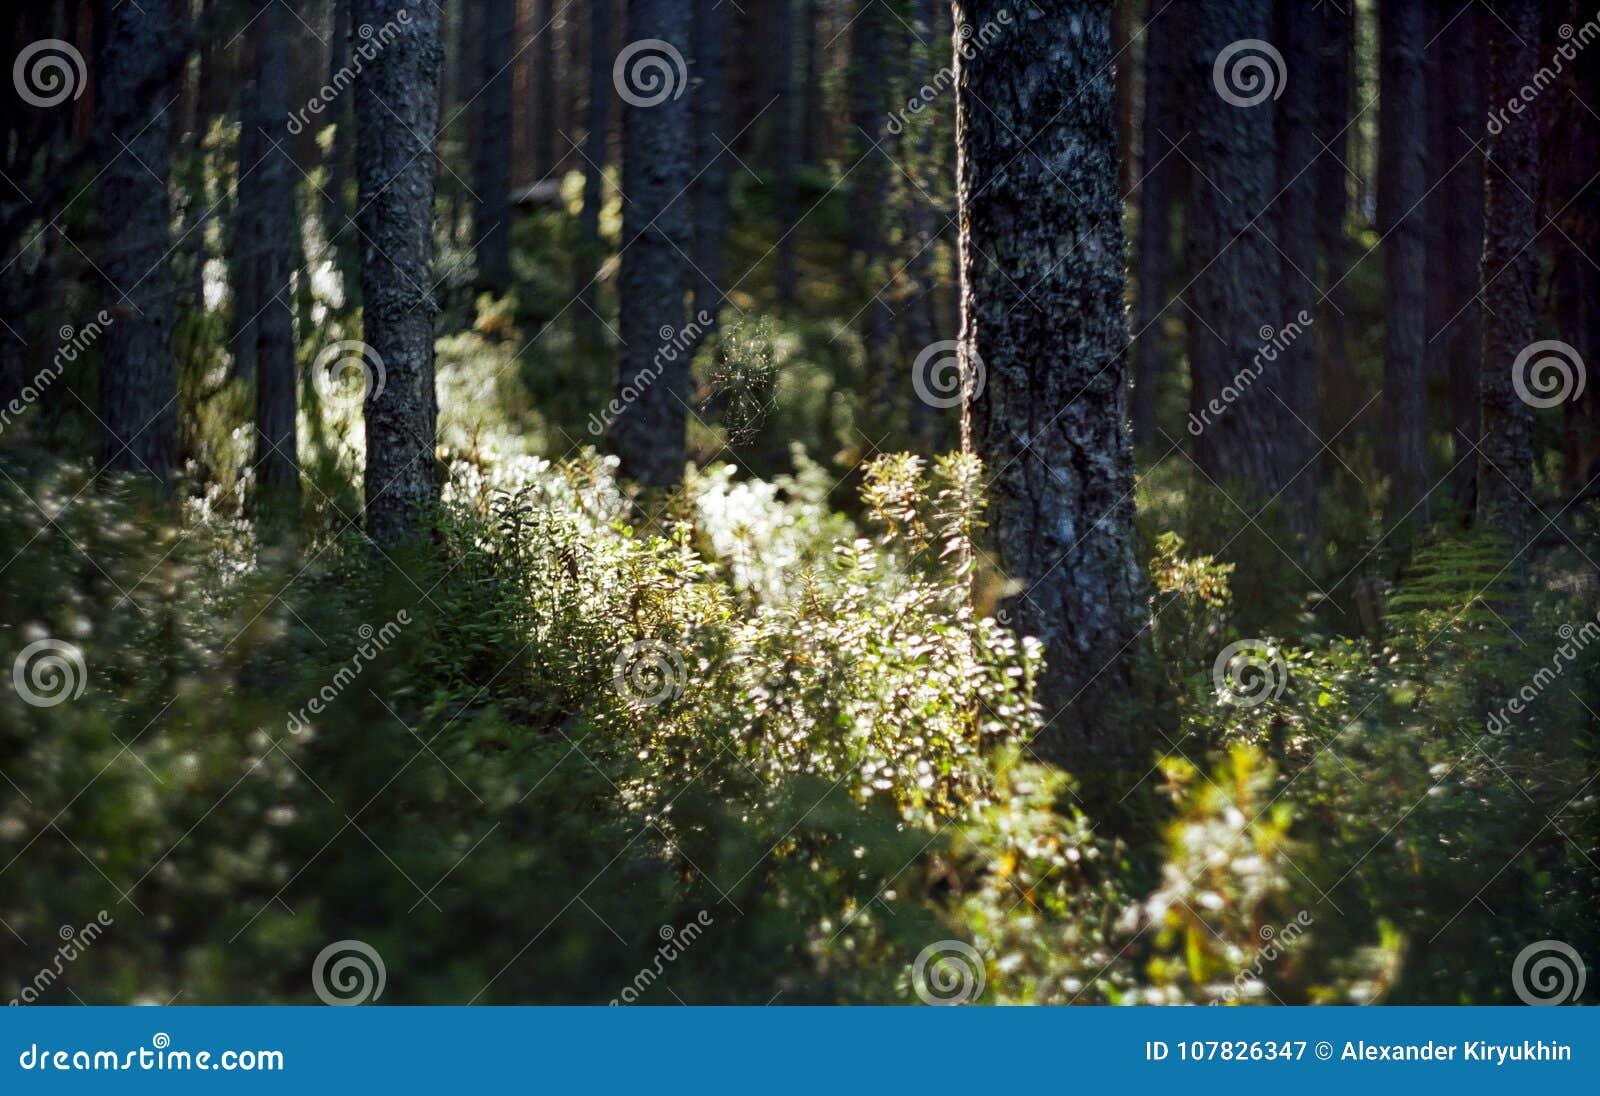 Lös barrskog i Ryssland